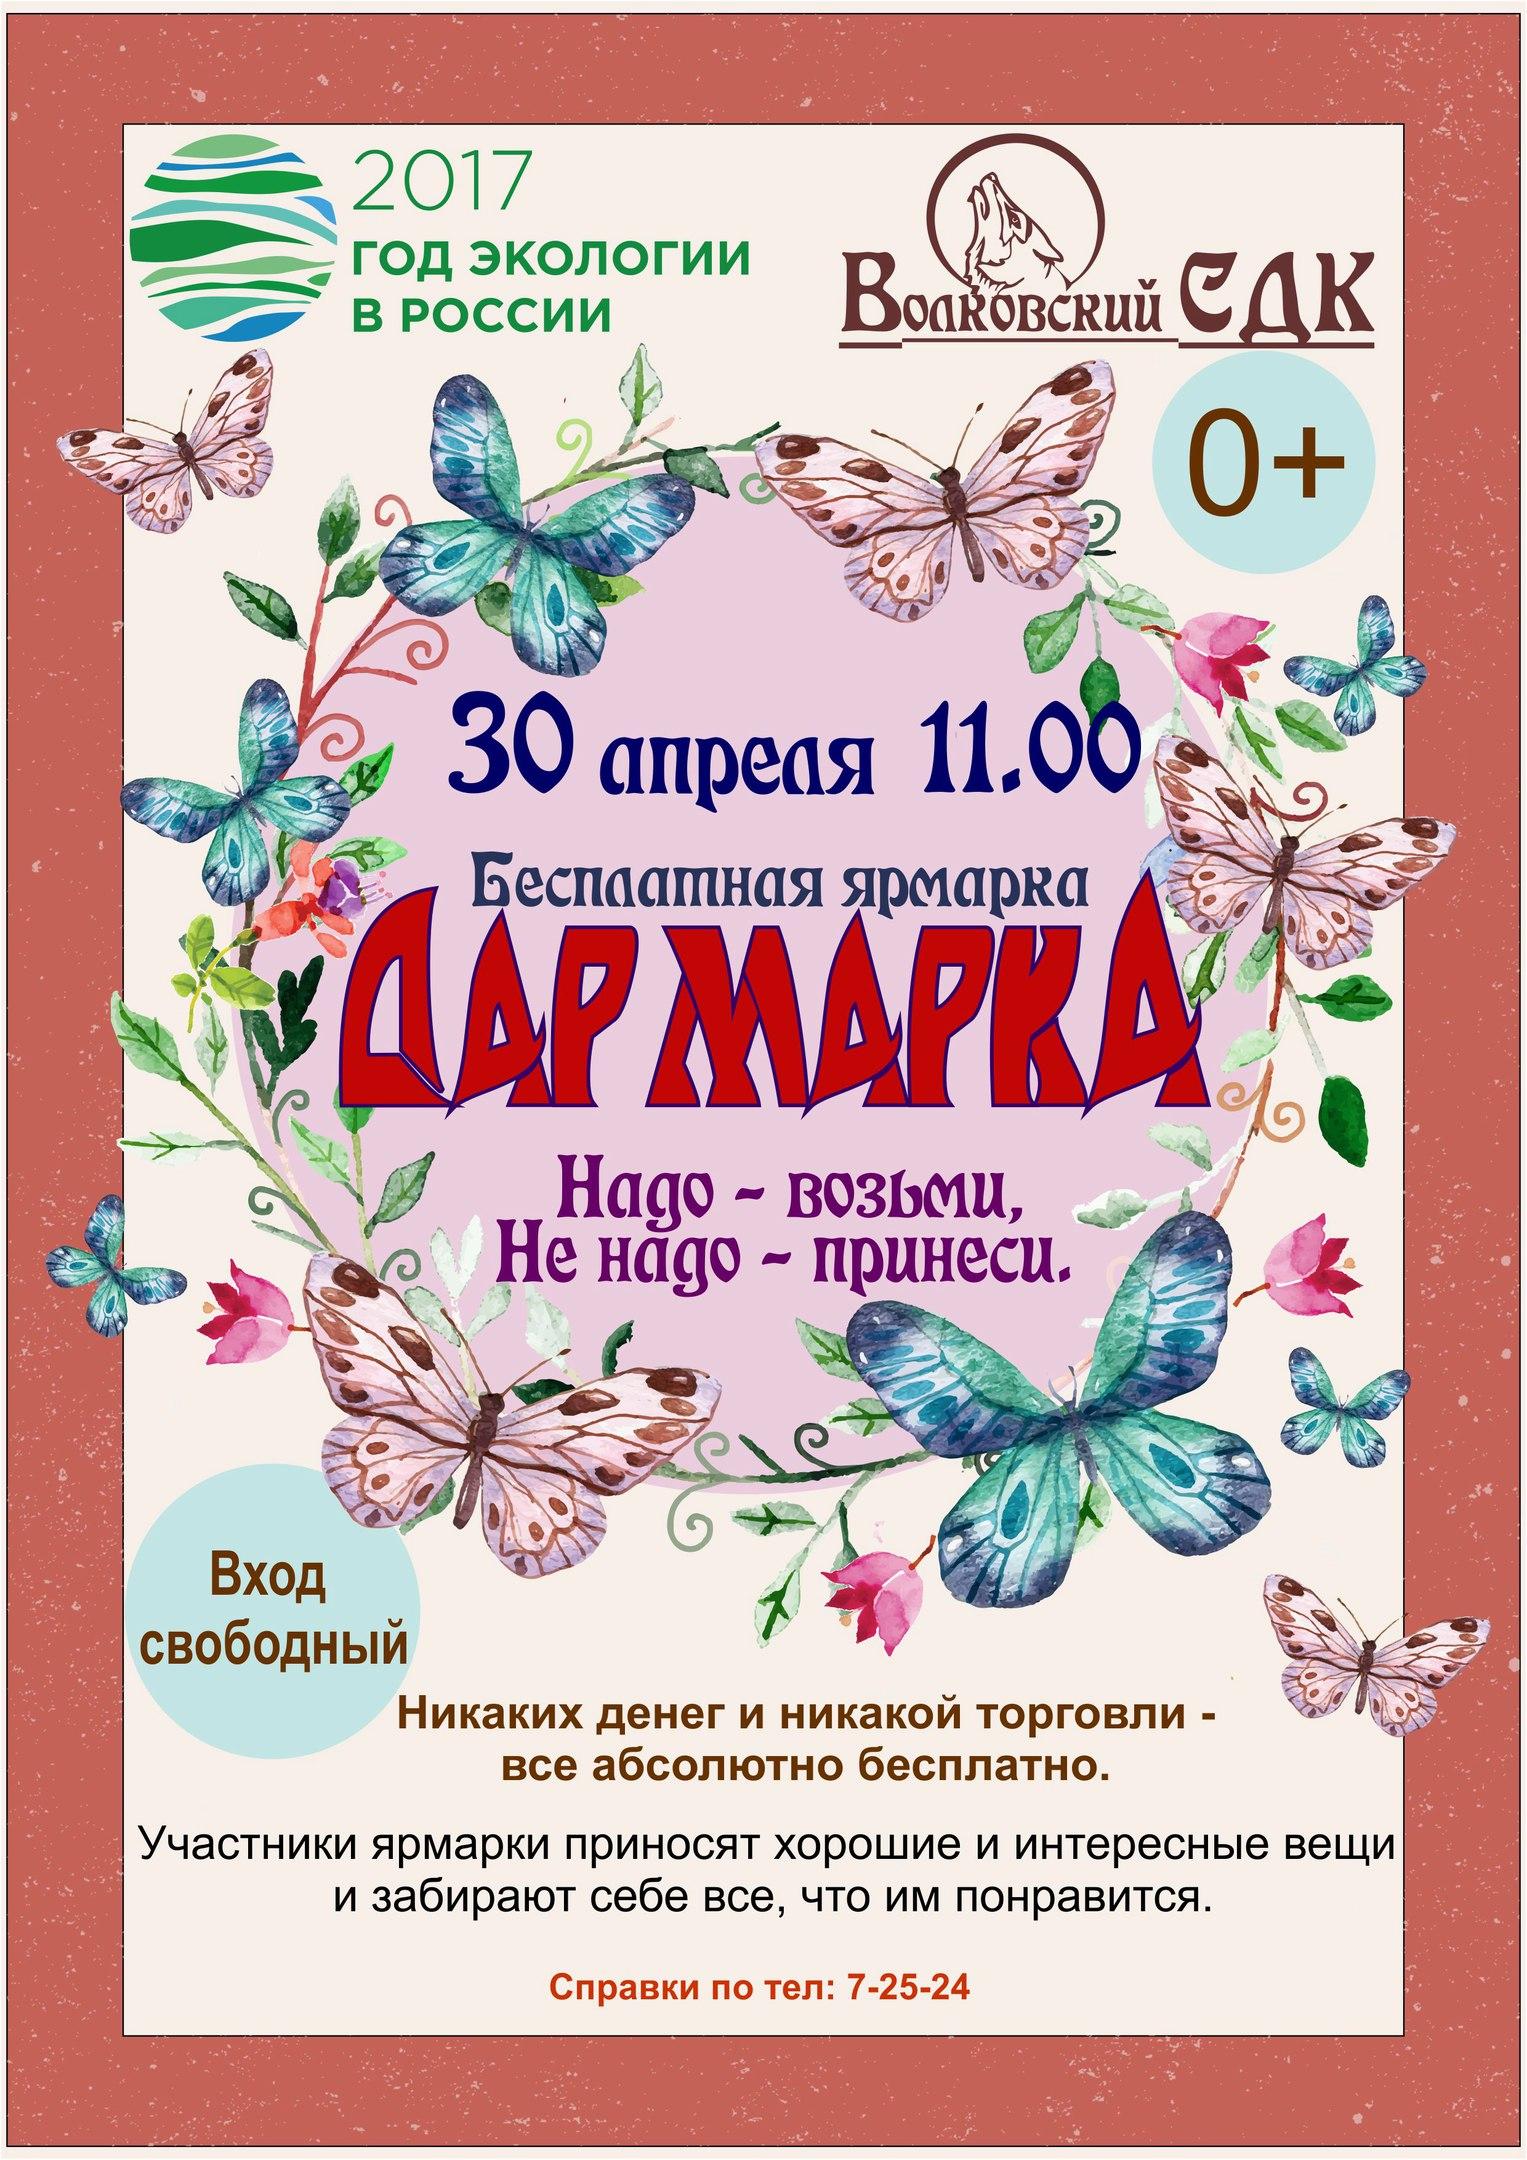 ярмарка, афиша, п. Волковский, 2017 год